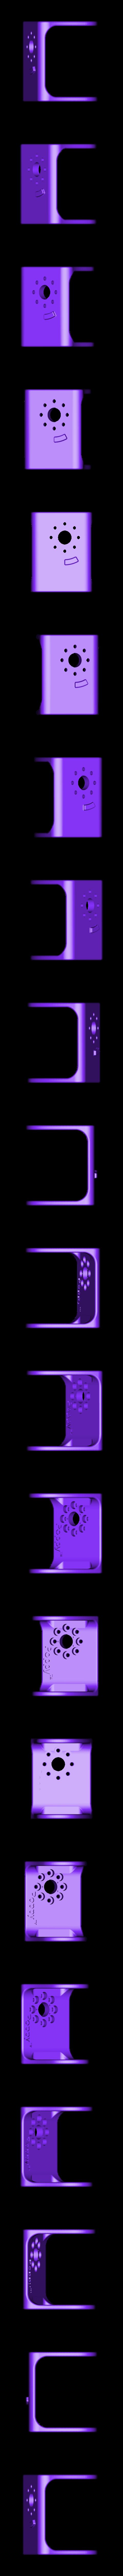 shoulder_left.STL Download free STL file Poppy Torso • 3D printable model, PoppyProject